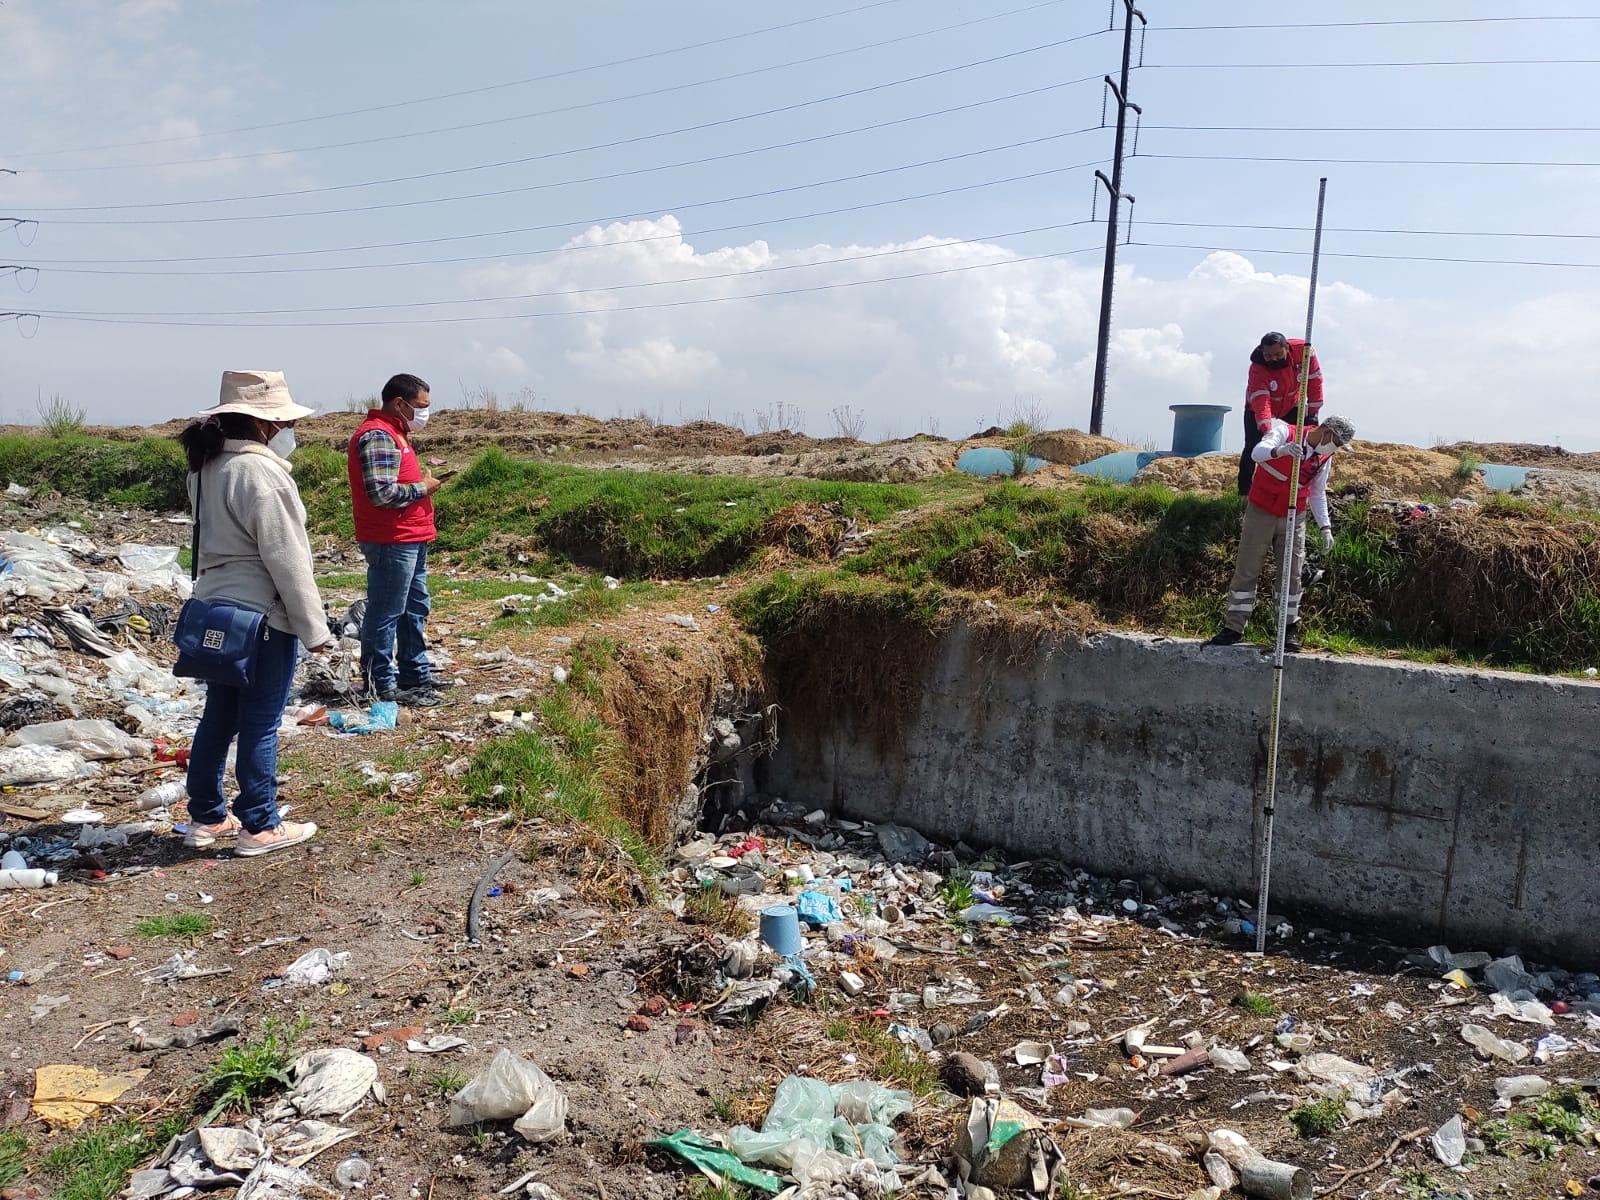 La Coordinación Municipal de Protección Civil y Bomberos de Toluca monitorea arroyos, ríos, canales y bordos ubicados en la capital